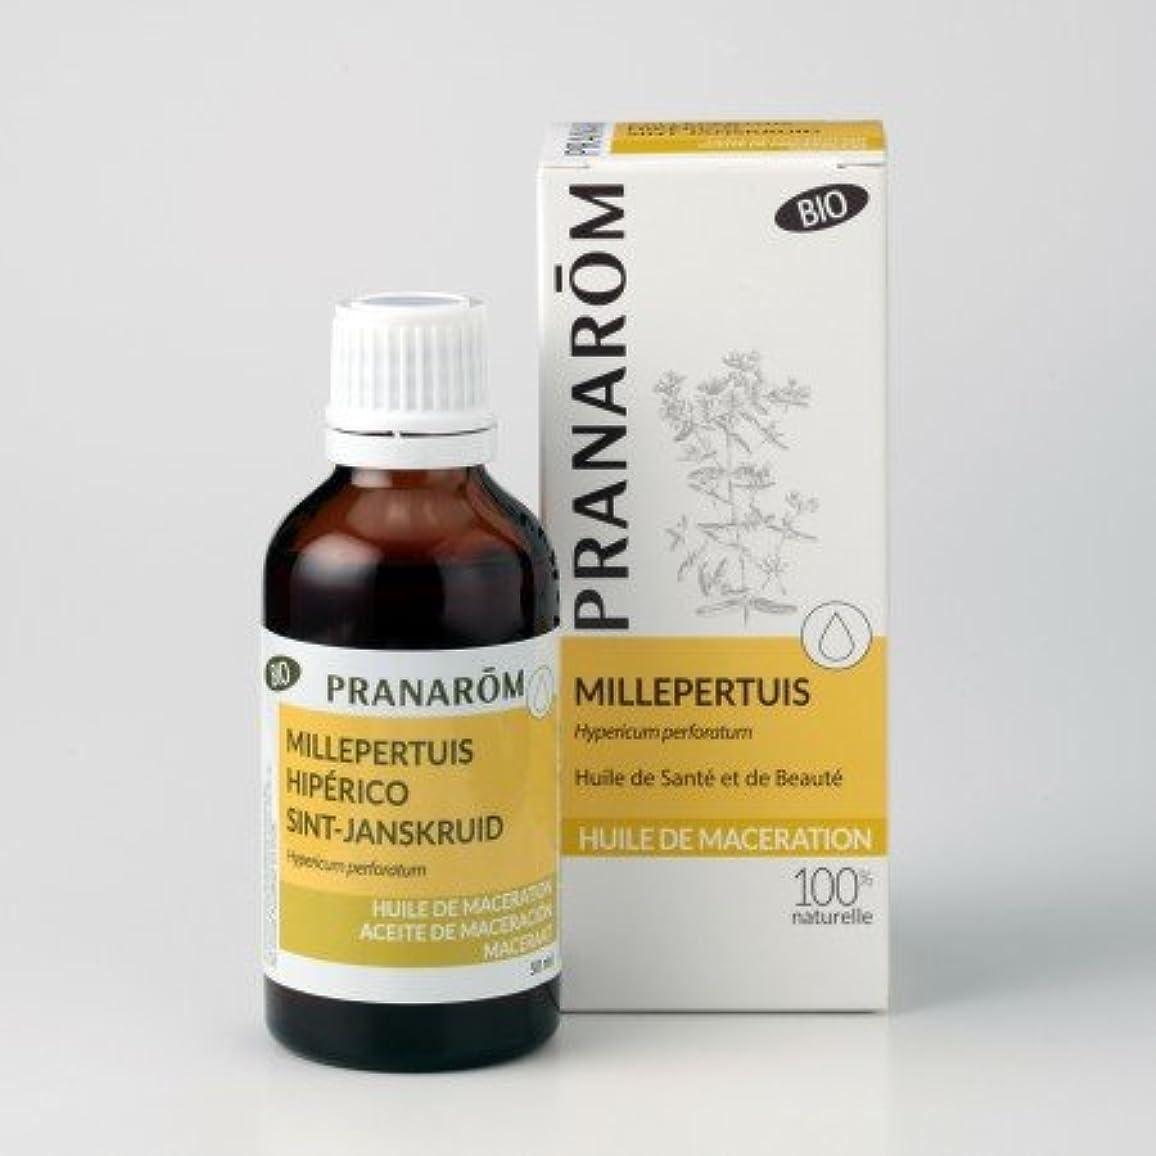 採用する破壊的なカウントアッププラナロム ( PRANAROM ) 植物油 セントジョンズワート油 50ml 12531 セントジョンズワートオイル キャリアオイル ( 化粧油 )